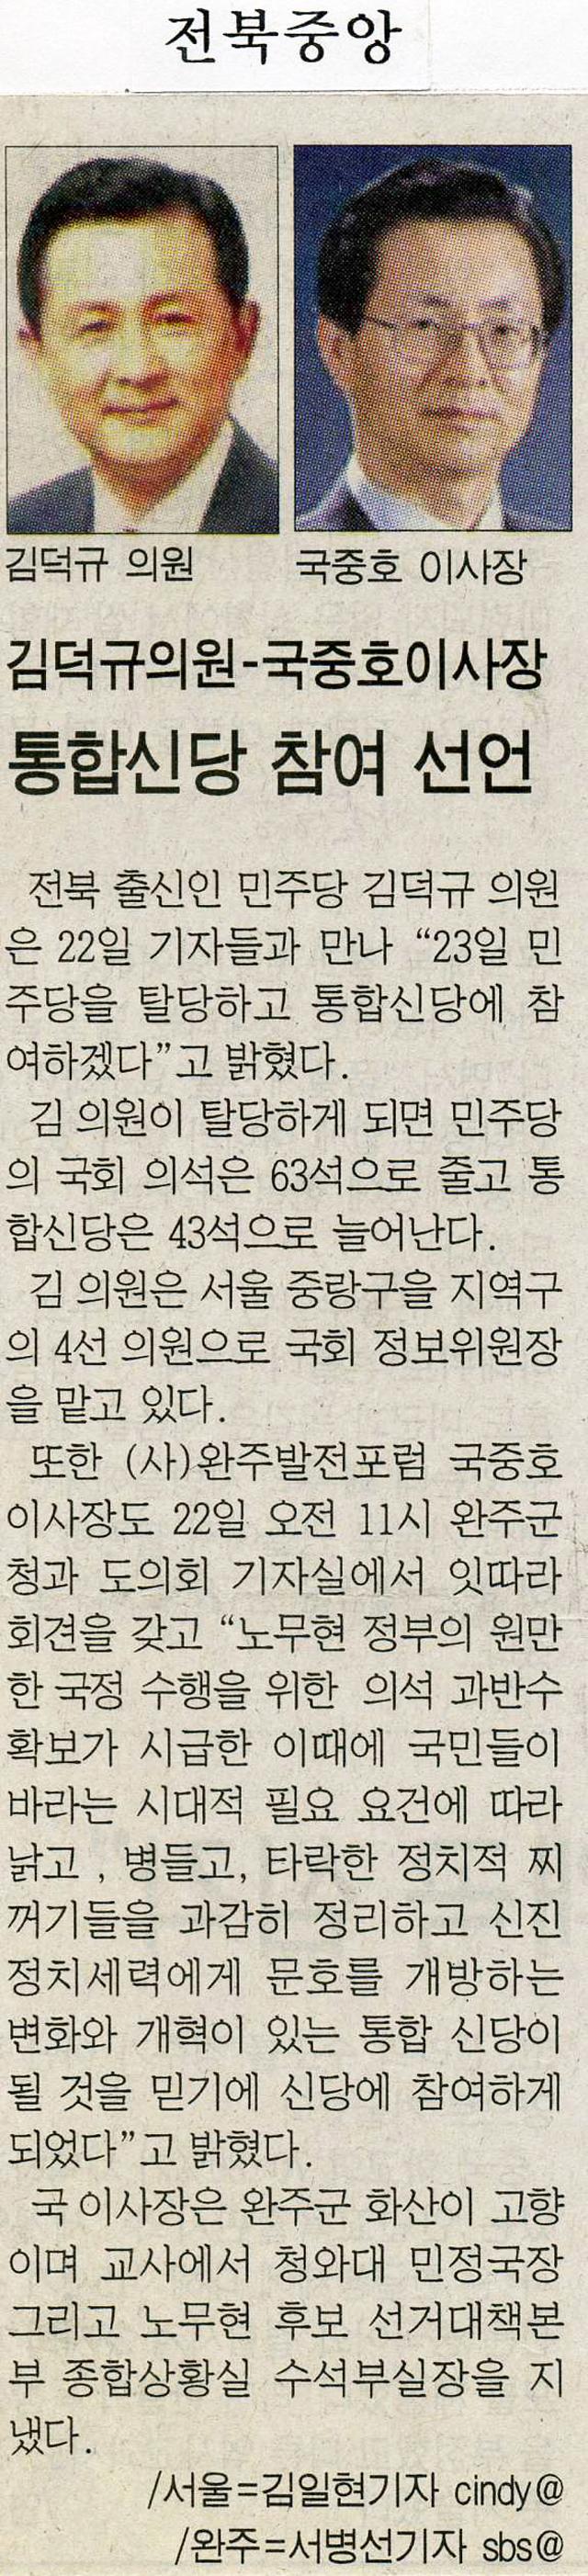 2003년9월23일(전북중앙).jpg